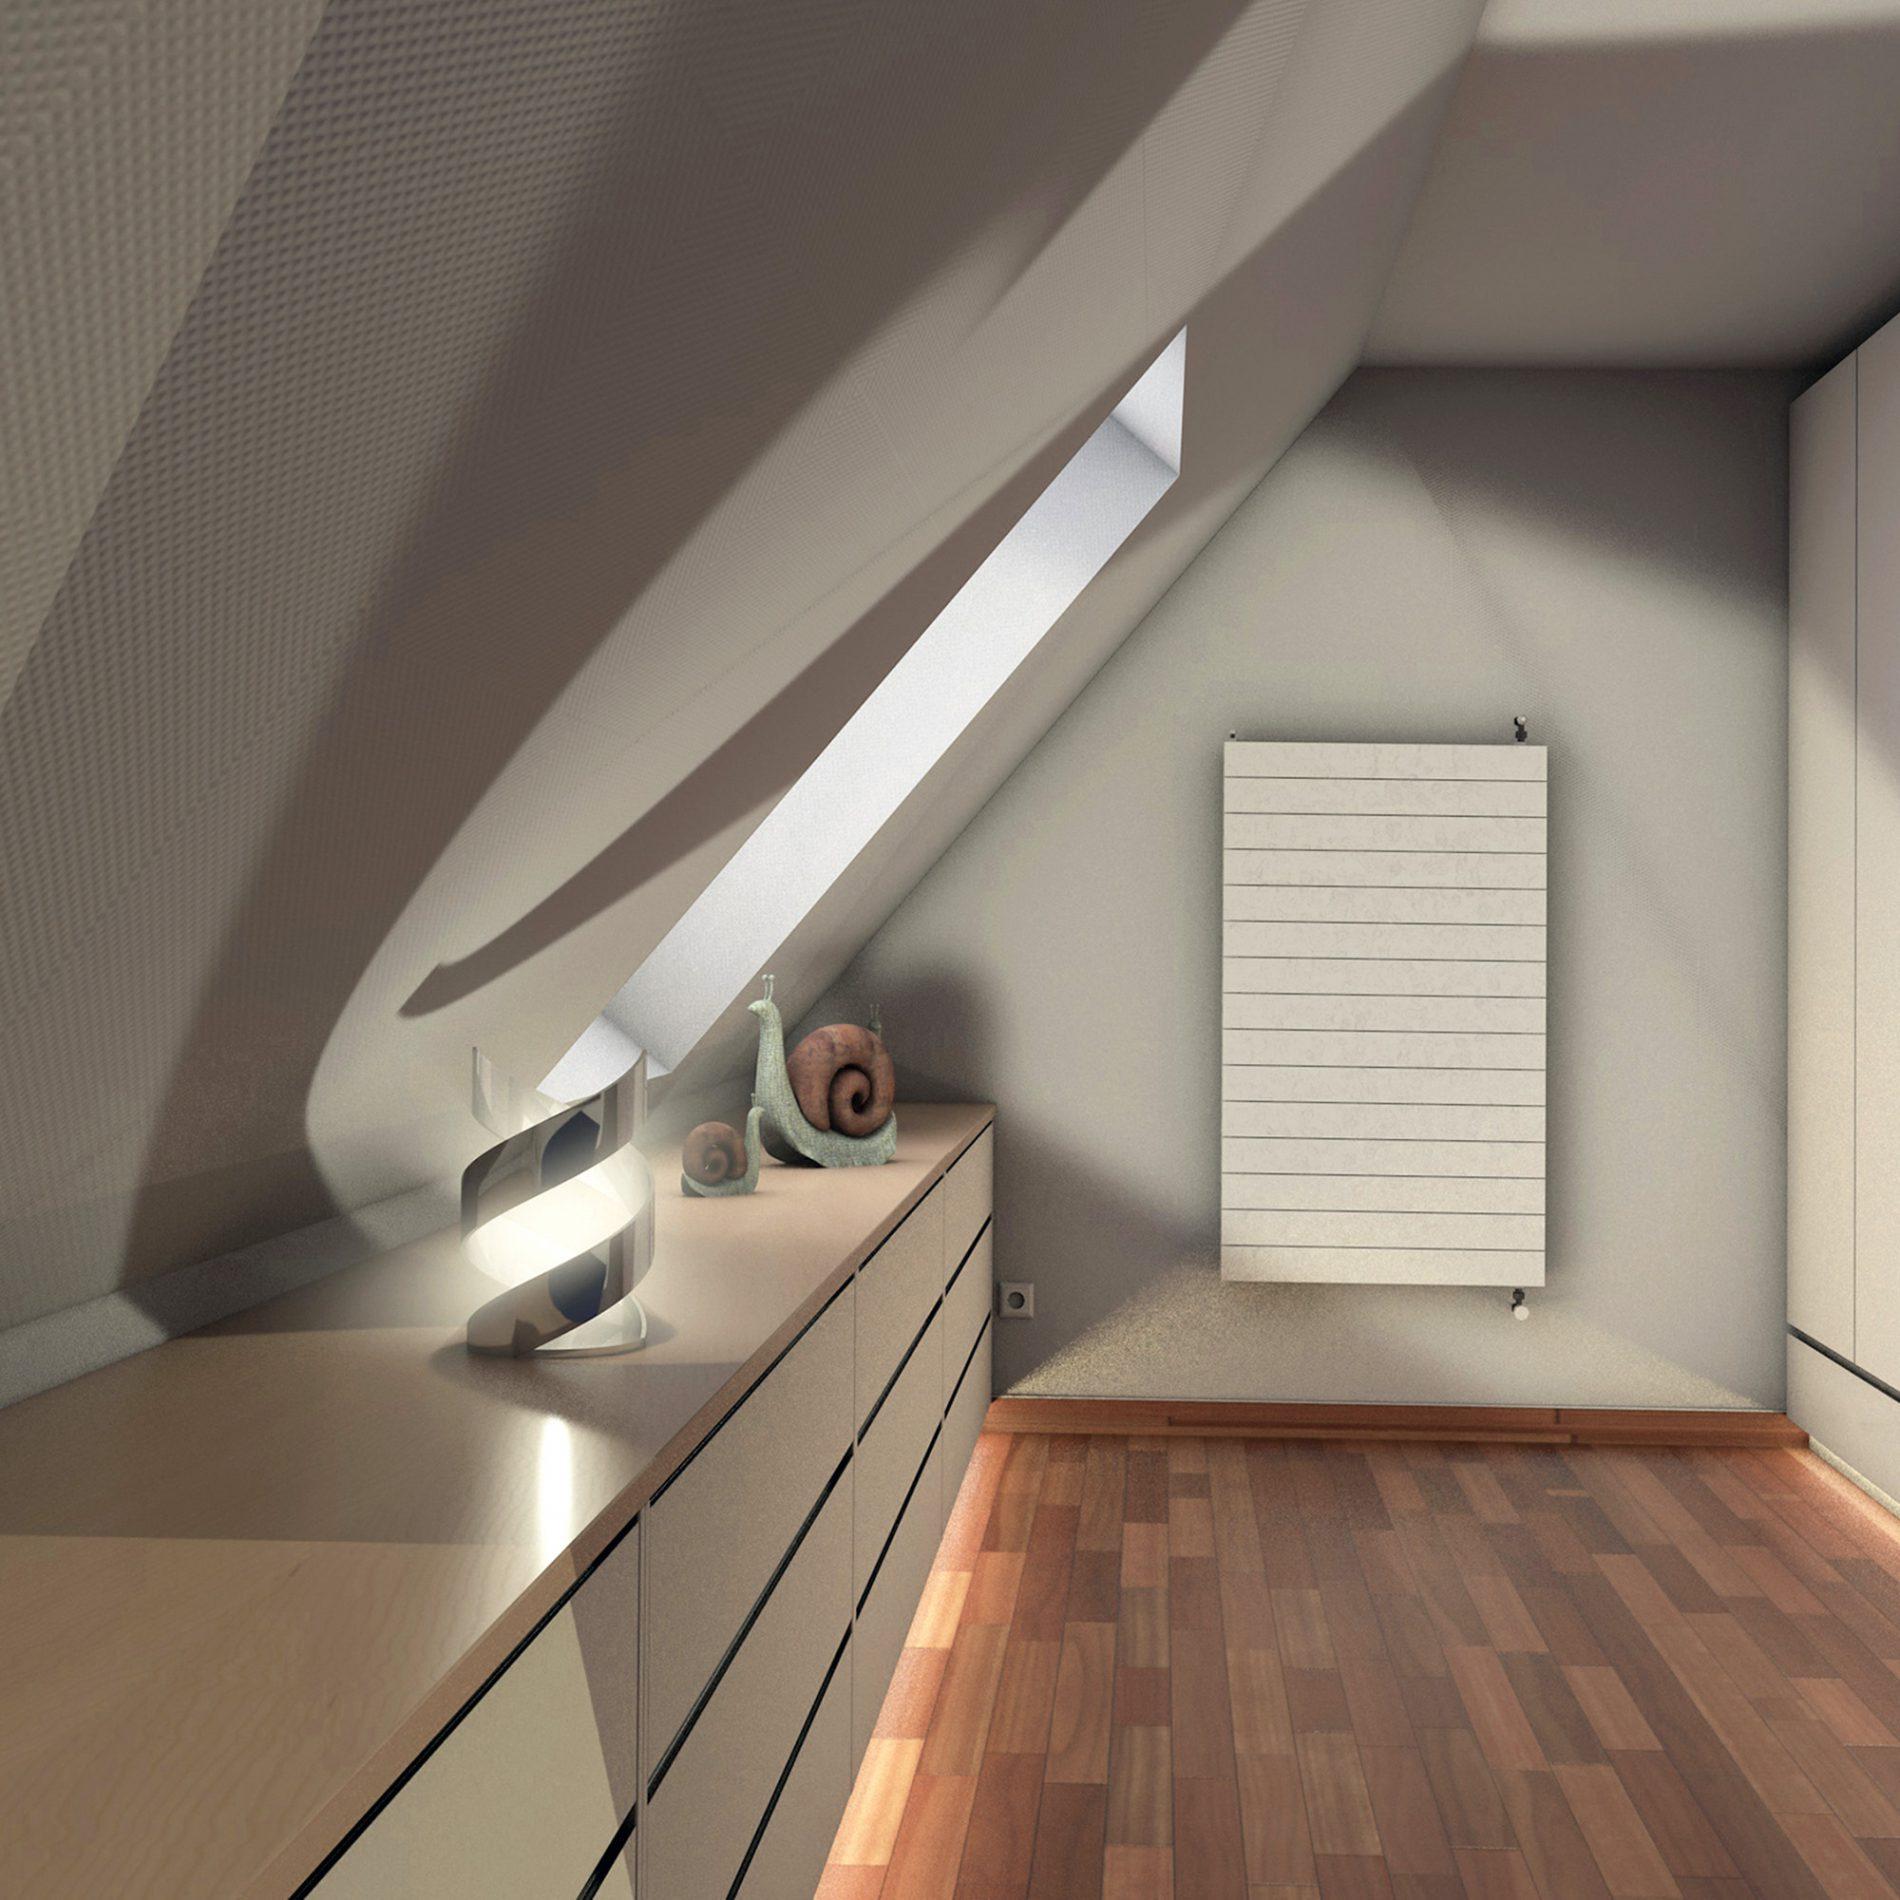 durchgehender Drempelschrank für Dachschrägenbereiche im oberen Stockwerk